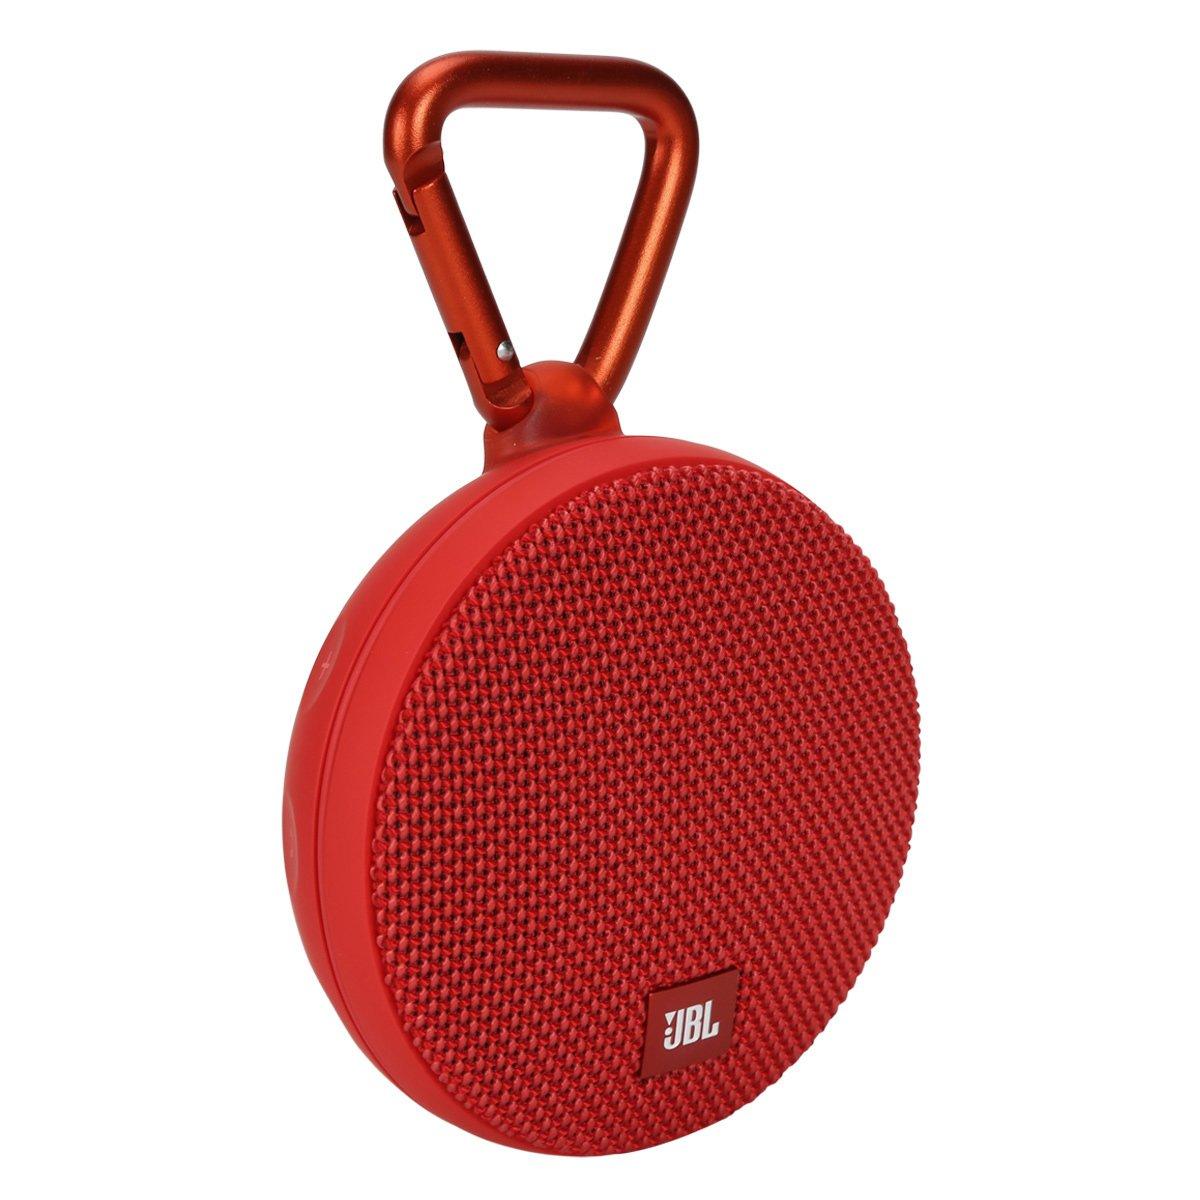 Caixa de Som JBL Clip 2 Bluetooth à Prova D'água Vermelho